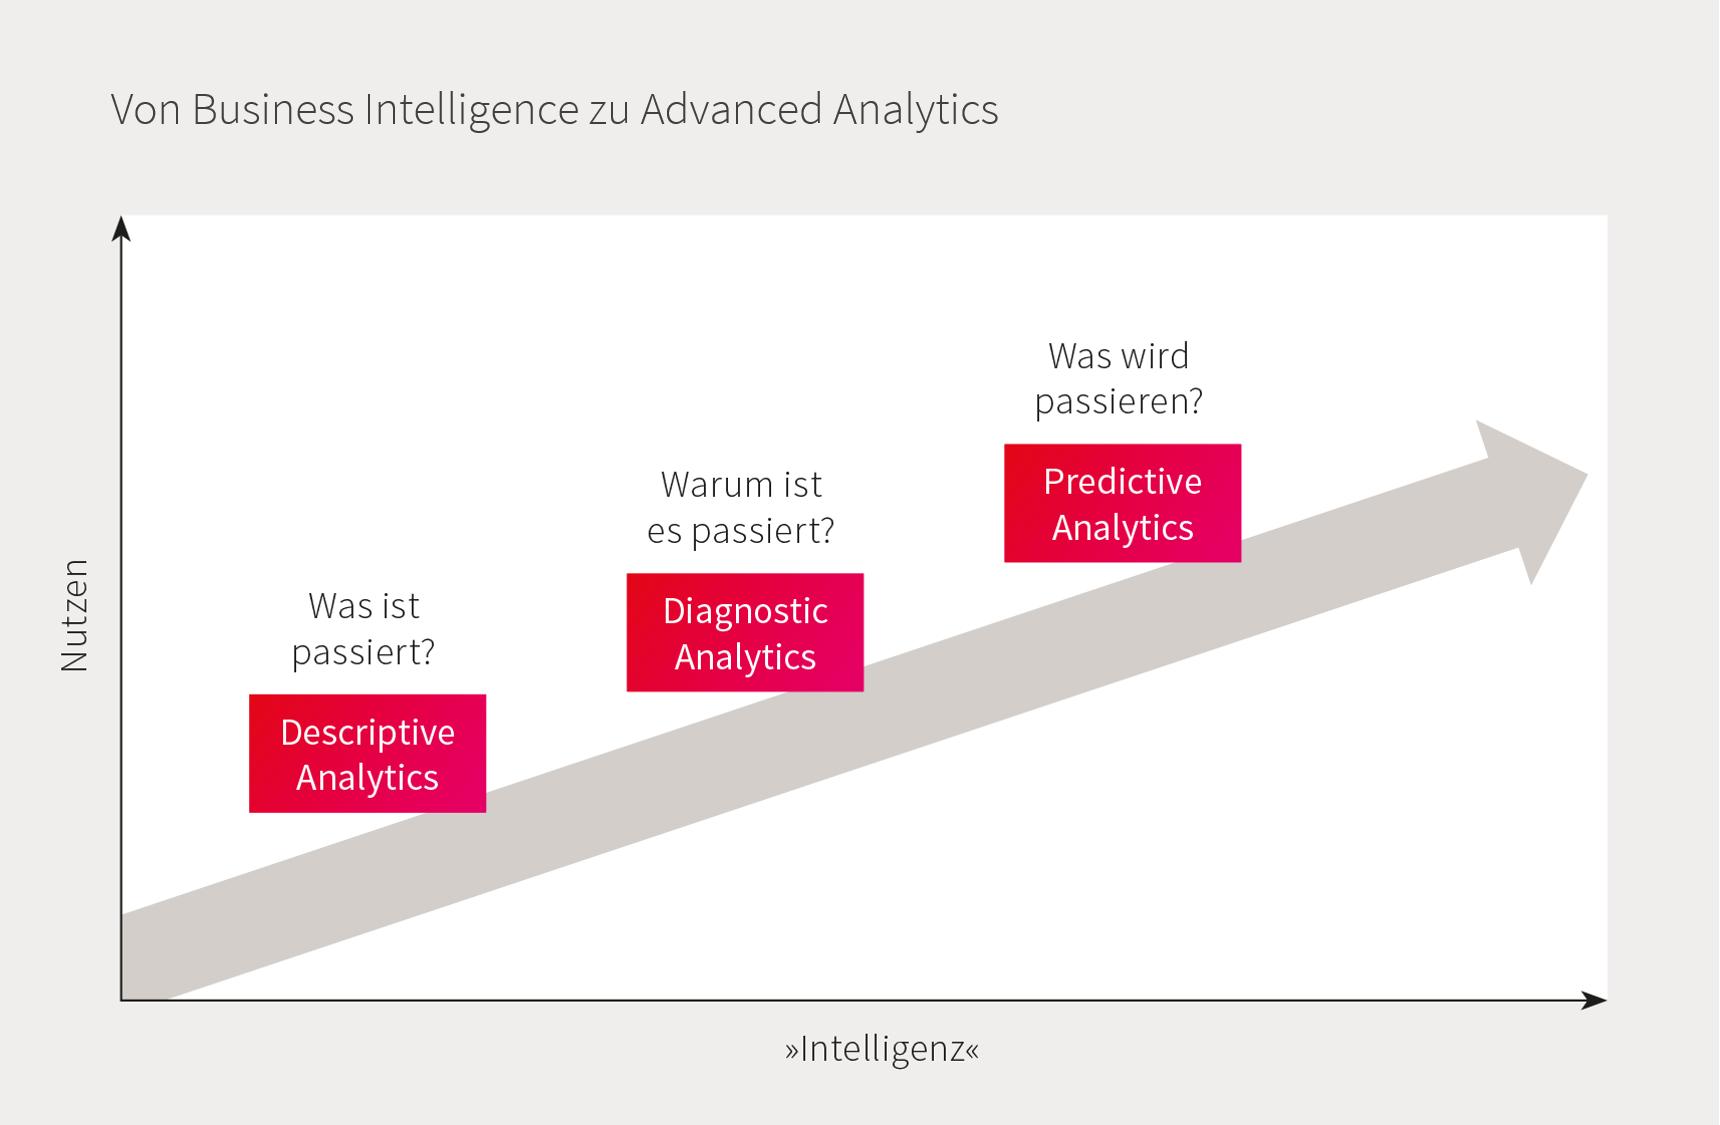 Von Business Intelligence zu Advanced Analytics